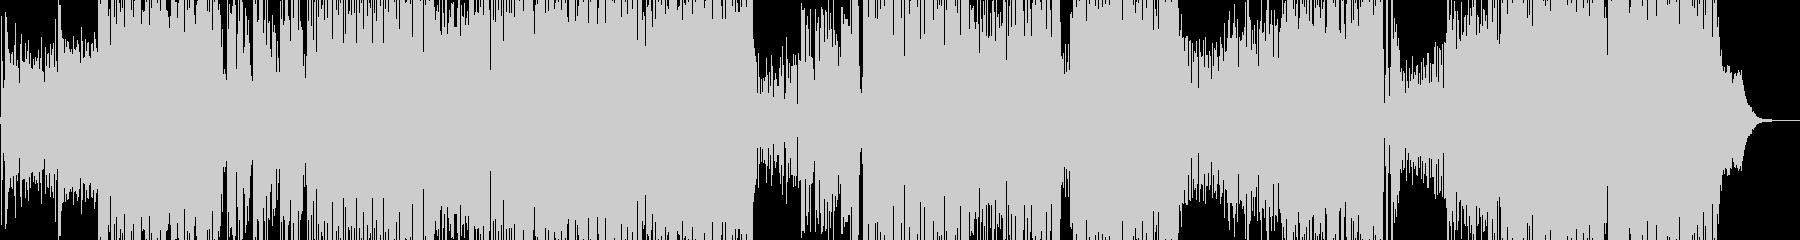 夏を彩るミックスポップ ピアノソロ有B+の未再生の波形